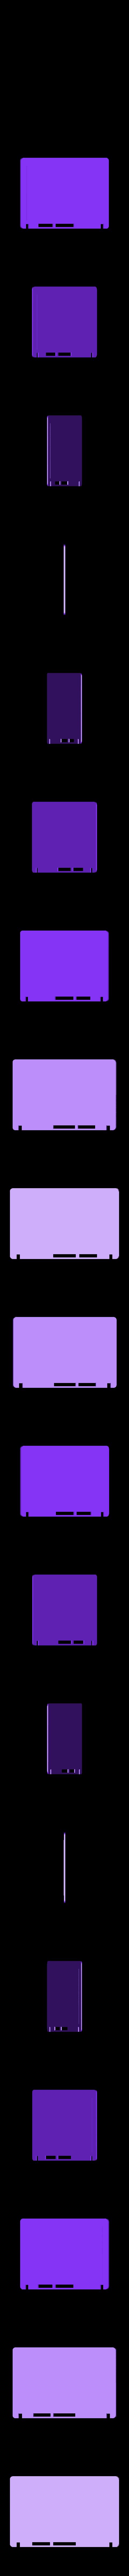 PiBookCover.stl Télécharger fichier STL gratuit PiBook alimenté sans fil • Plan imprimable en 3D, Qelorliss